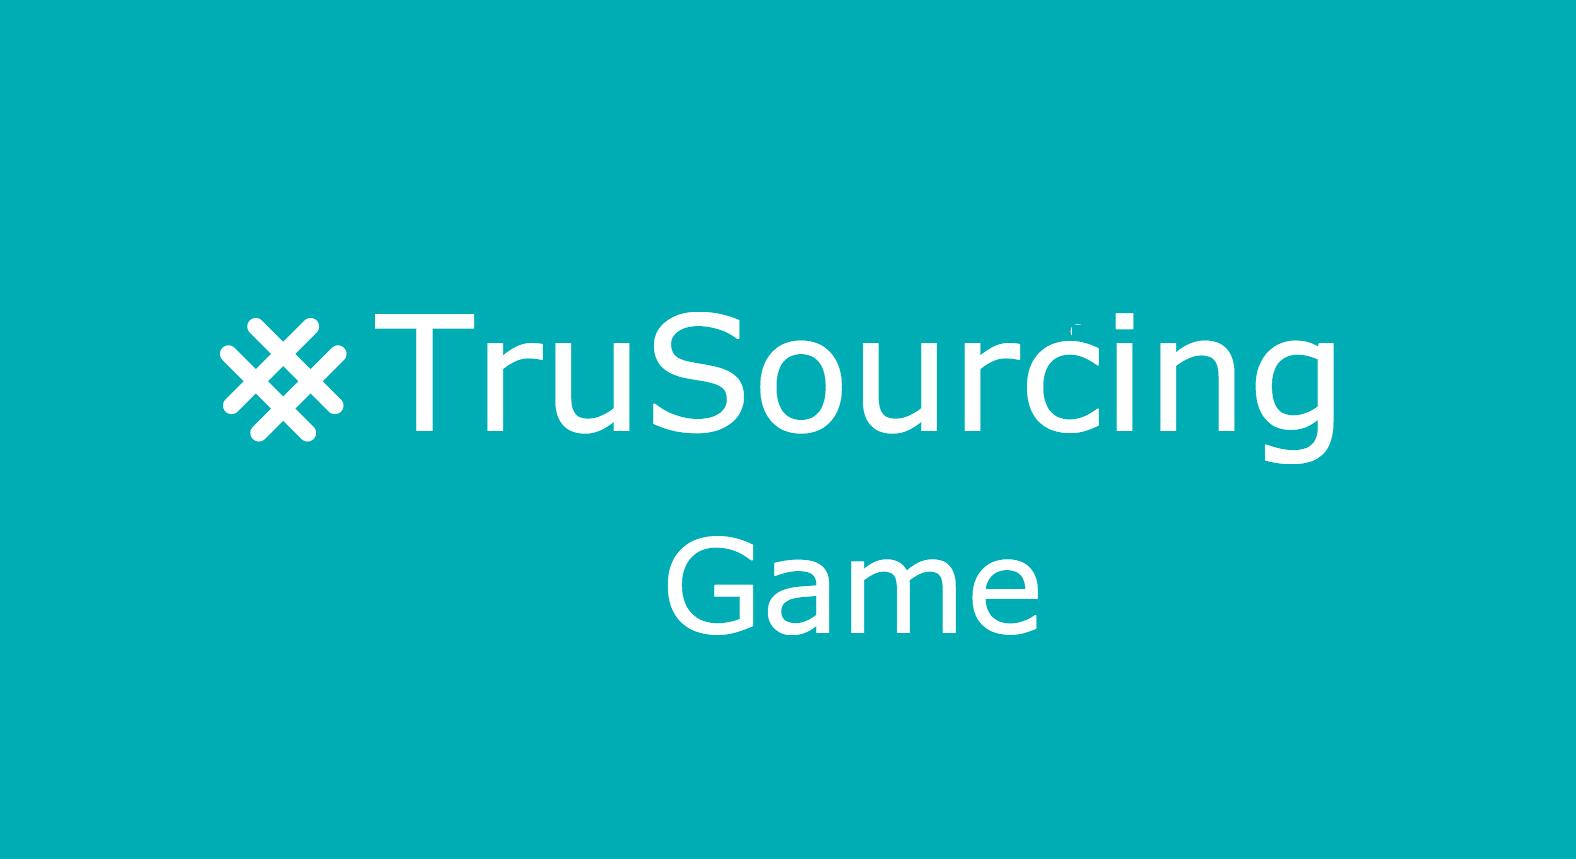 Les gagnants du #TruSourcing game sont…